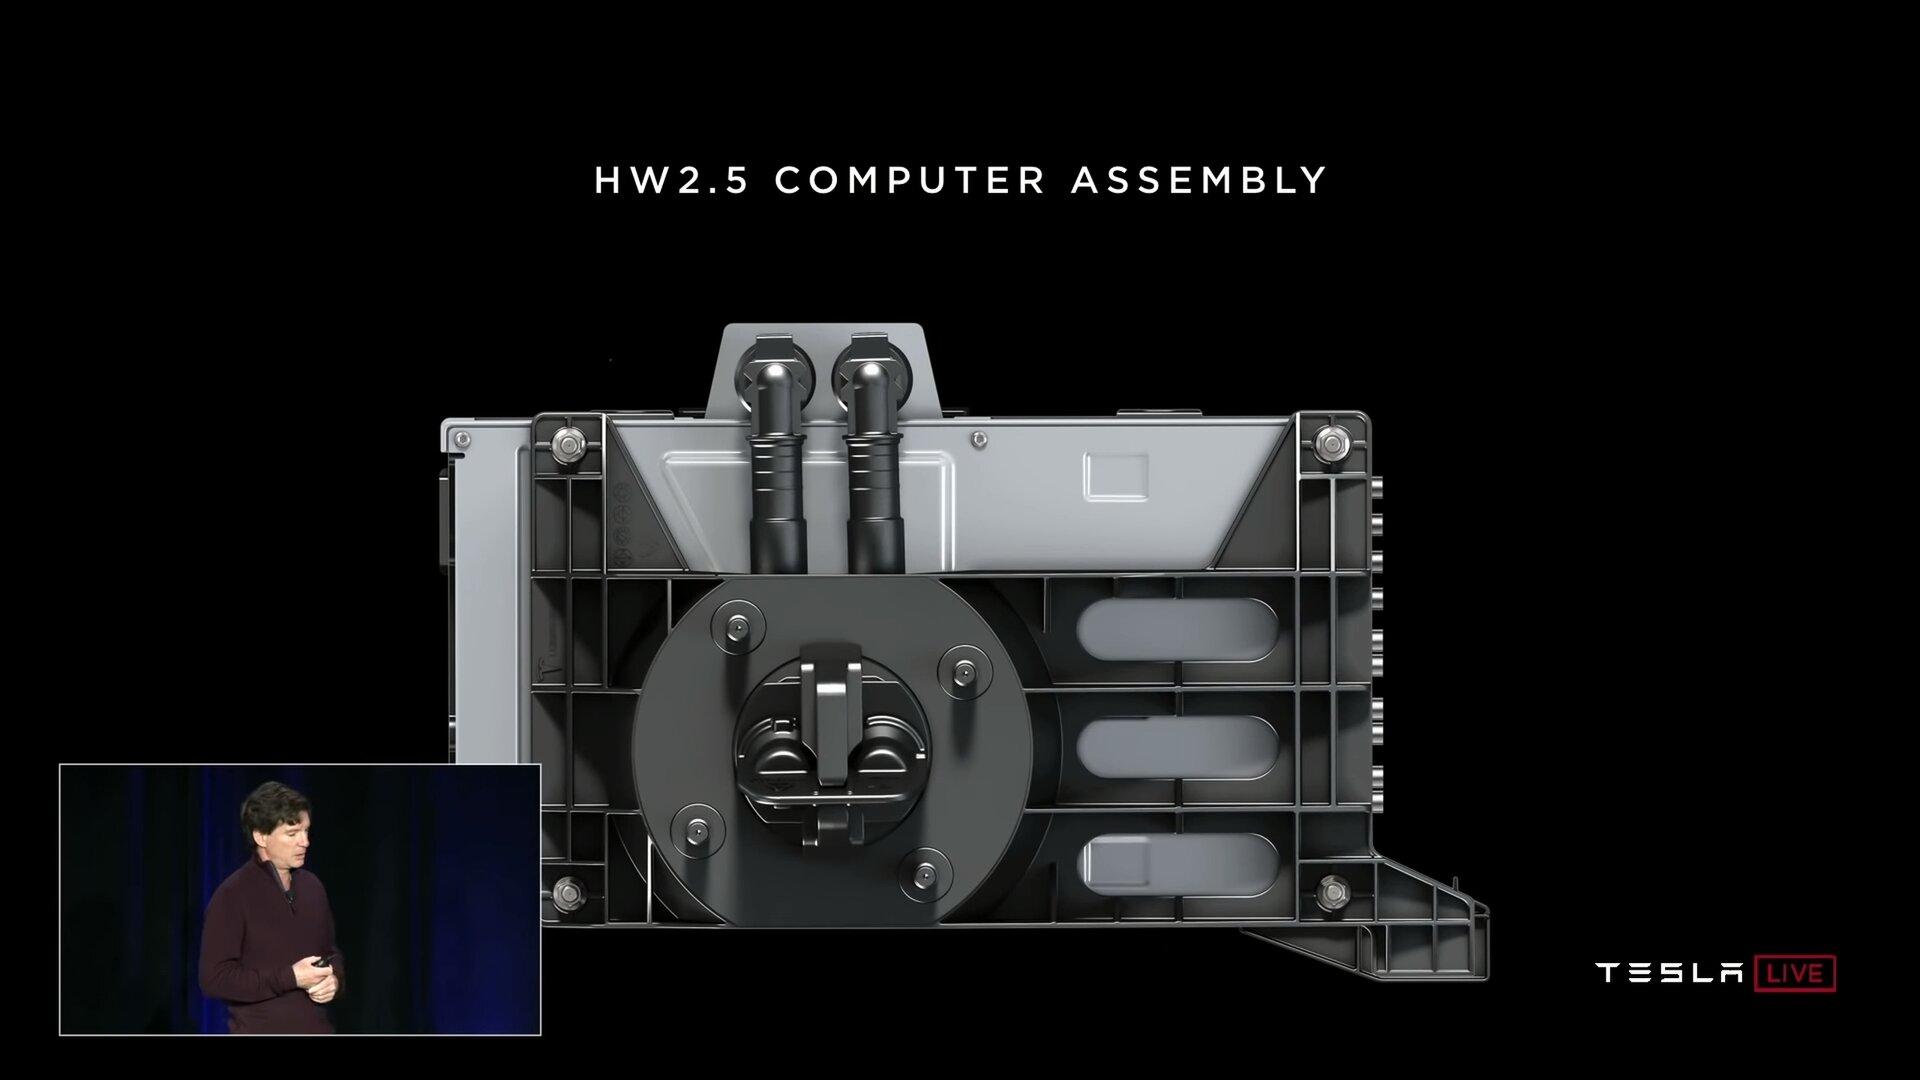 Bordcomputer für Hardware 2.5